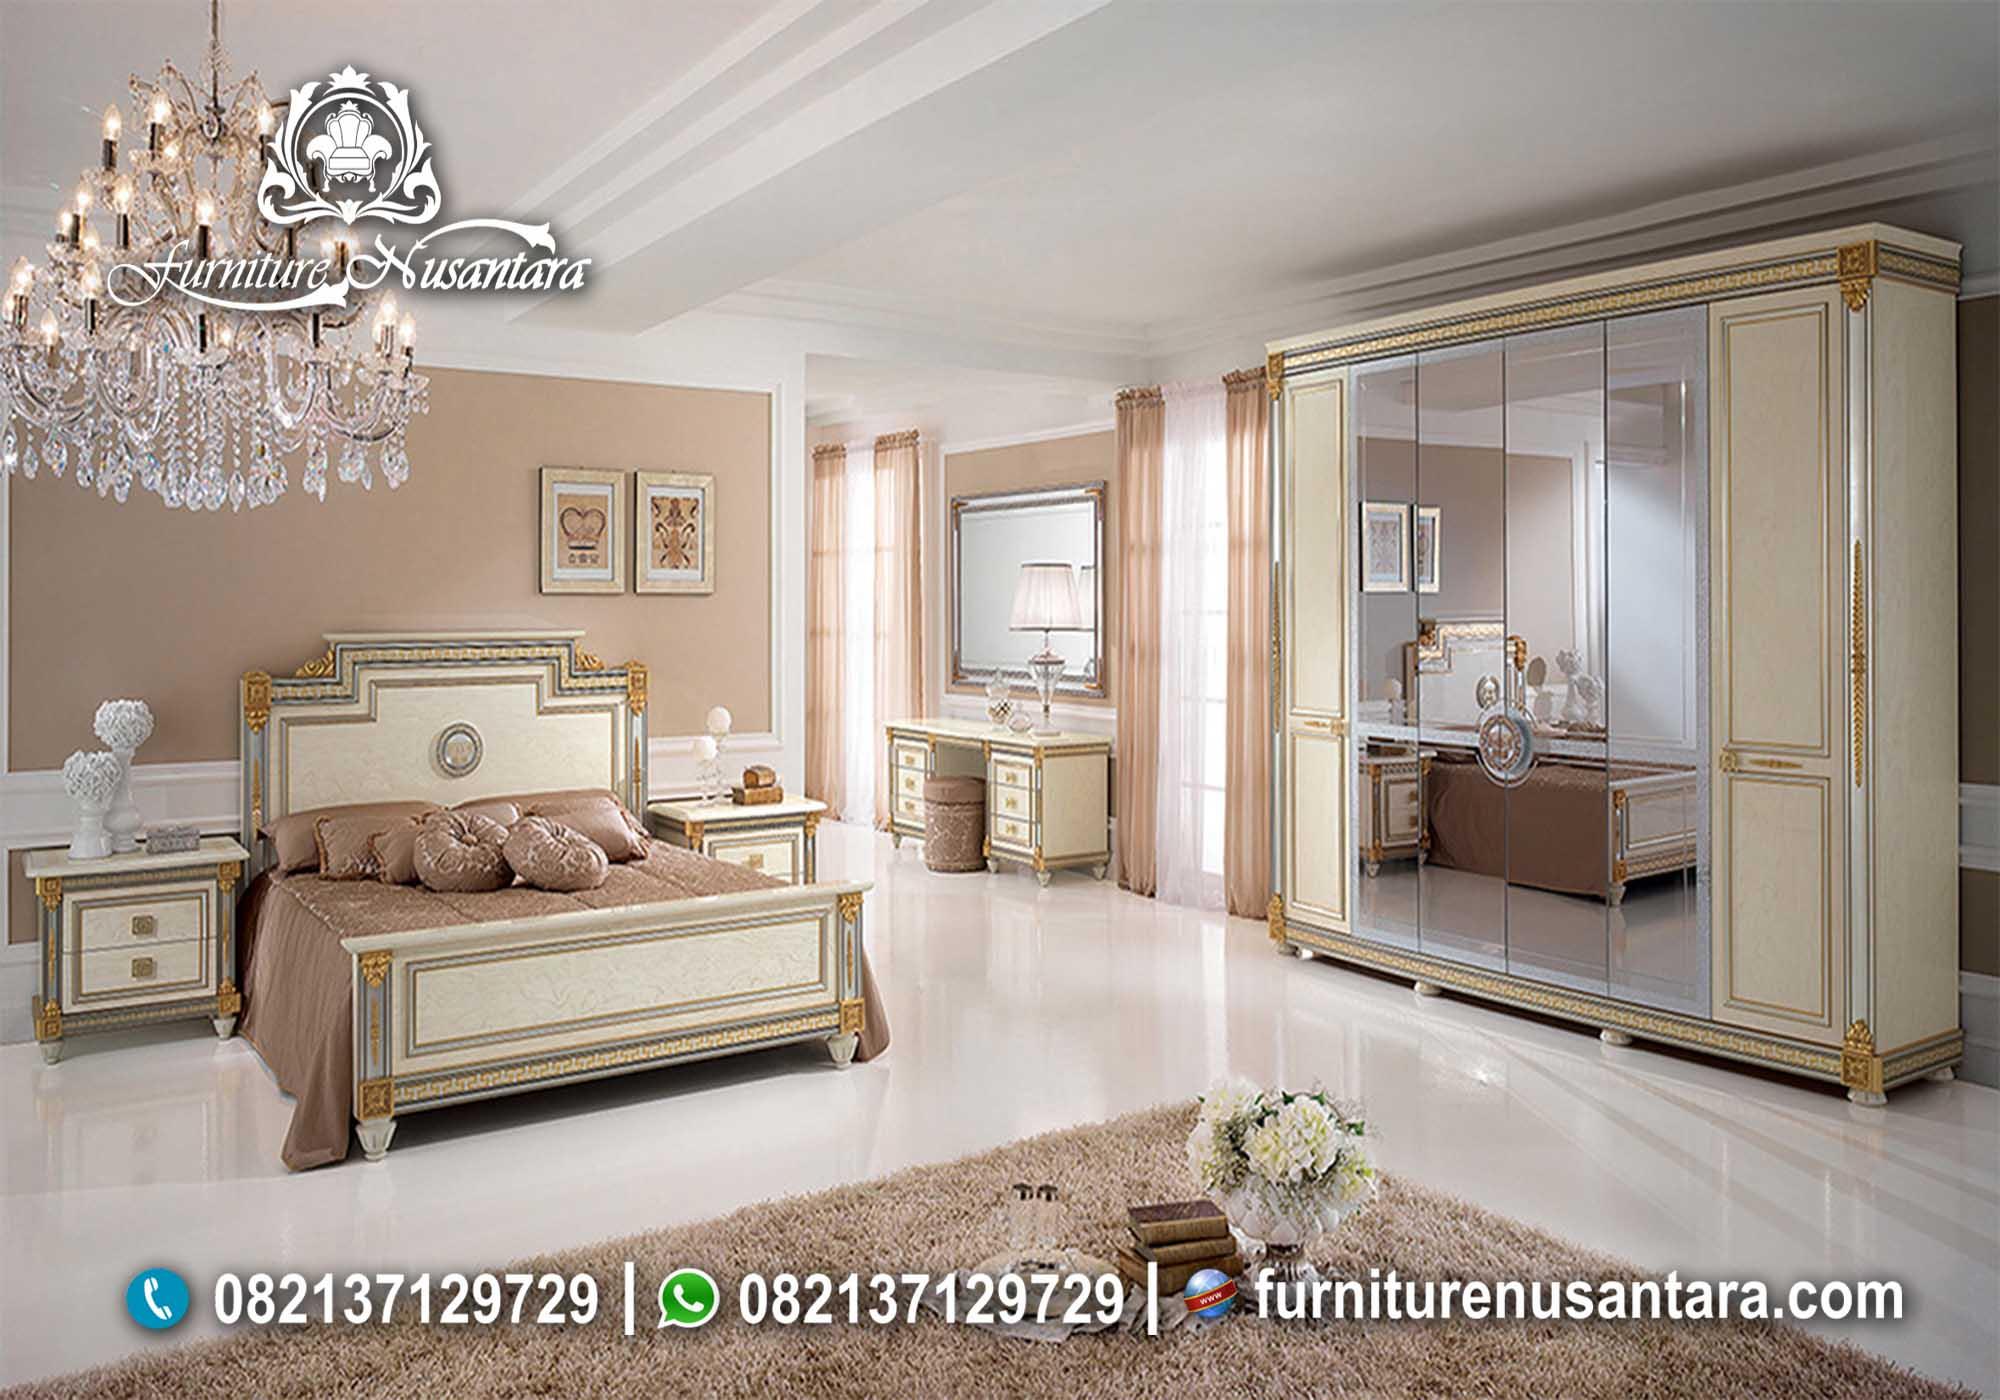 Desain Kamar Apartemen Mewah KS-92, Furniture Nusantara